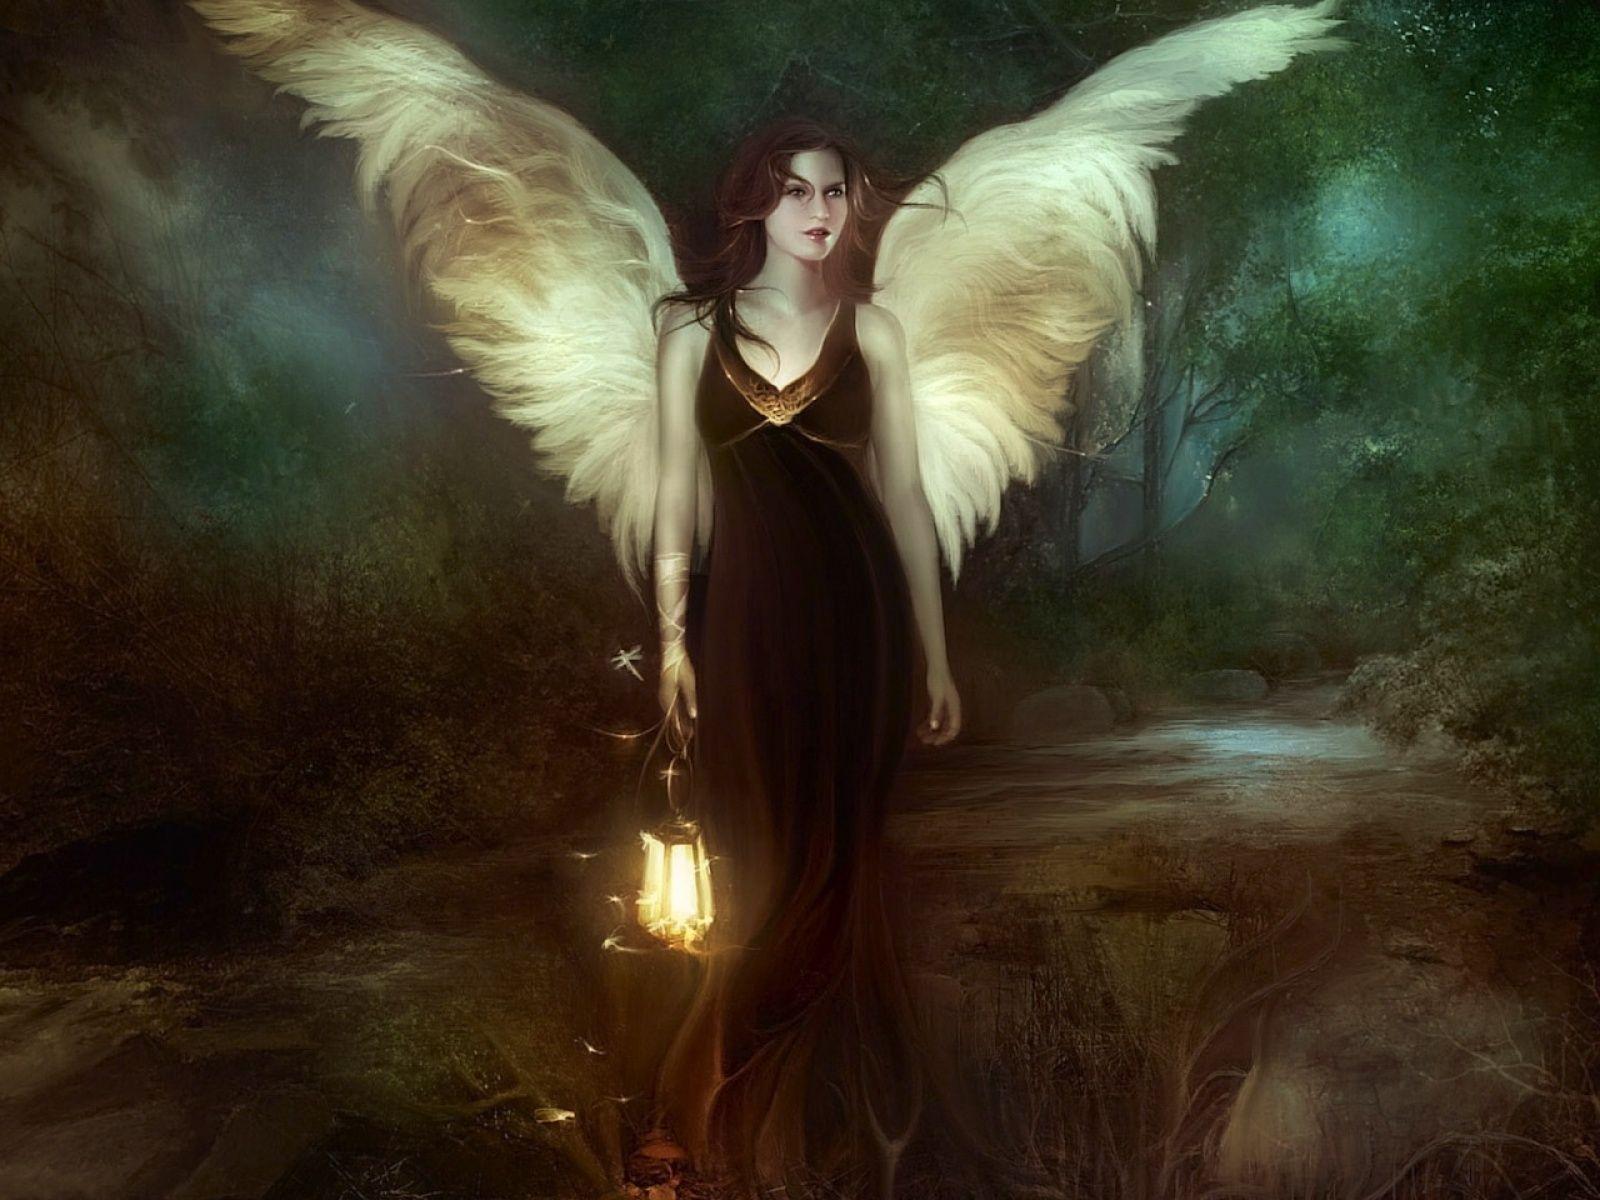 fond d'ecran gratuit elfes et anges